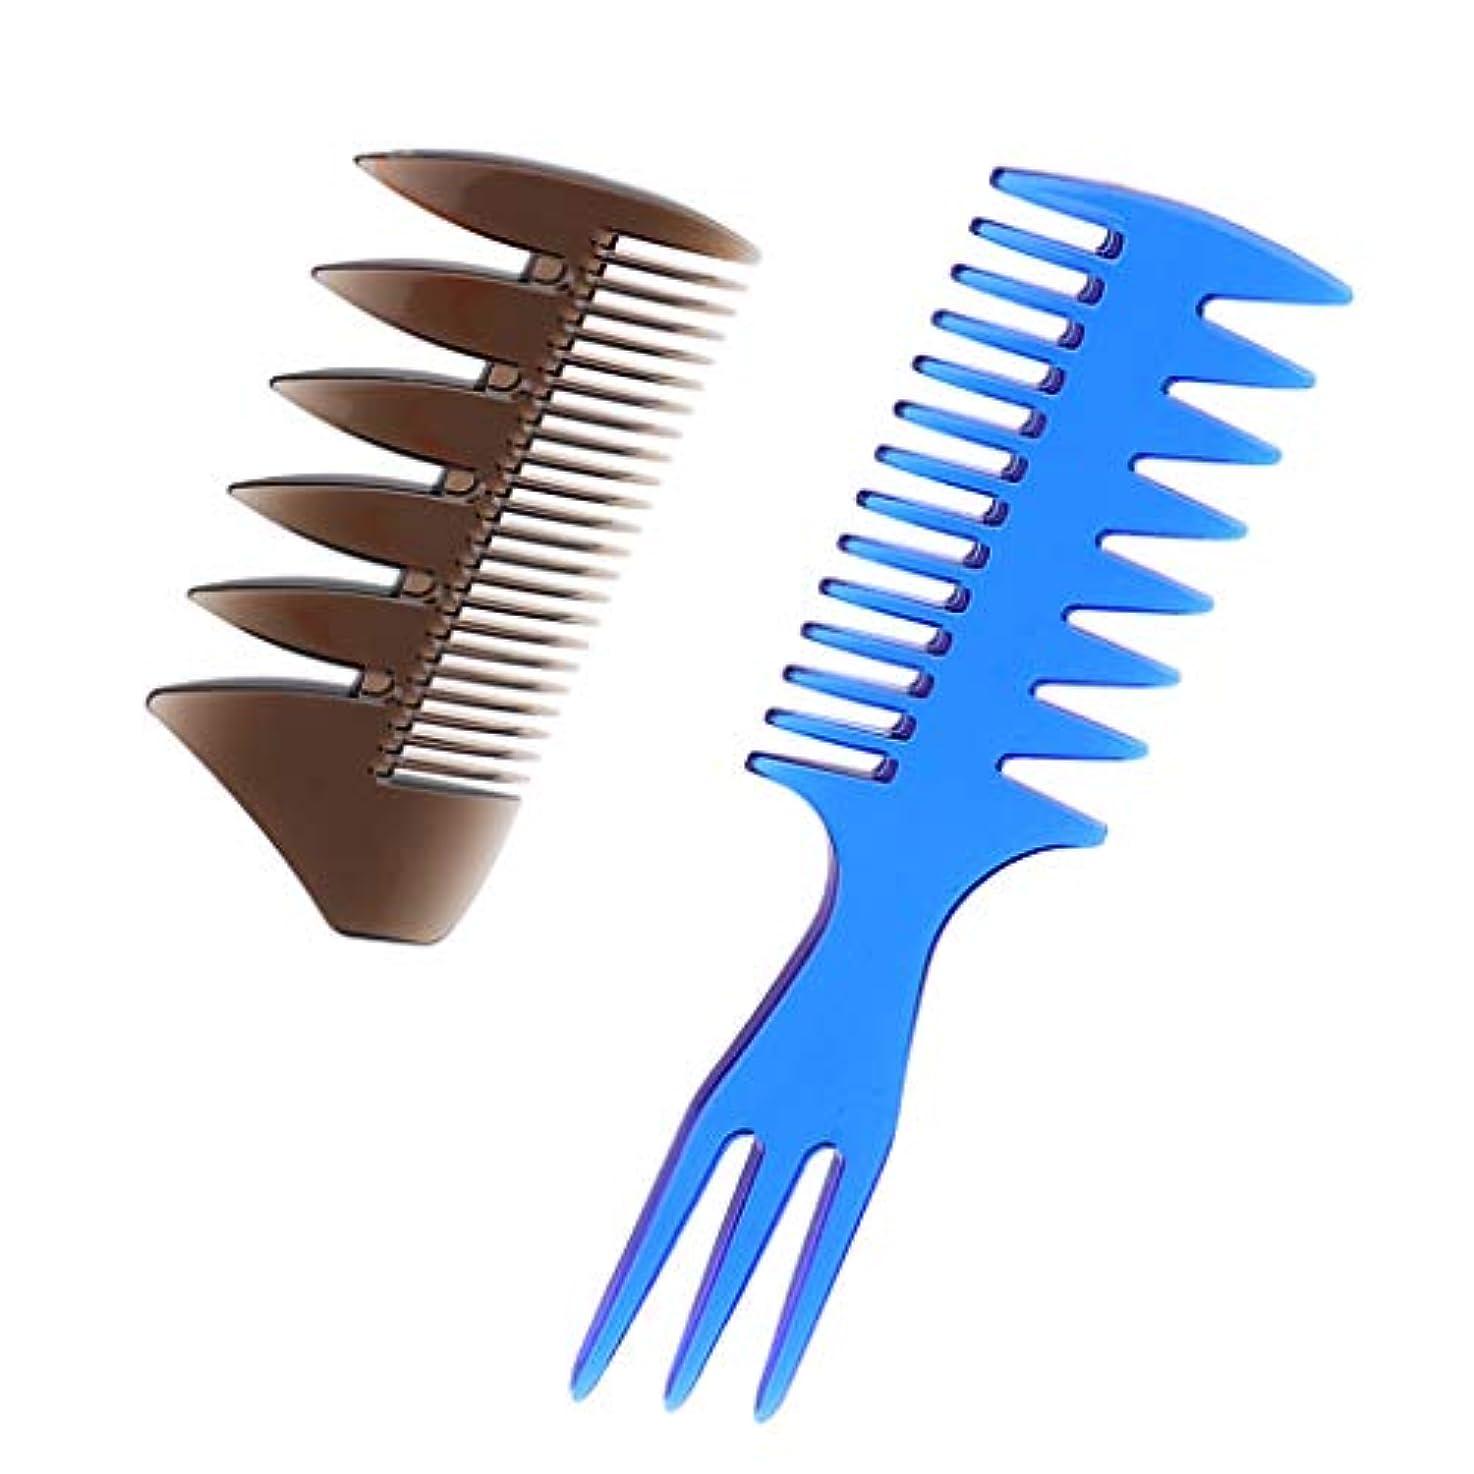 膿瘍四悲しいToygogo 2ピースデュアルサイドおよび3ウェイメンズオイルヘアピックコームサロンダイサロン理髪スタイリング